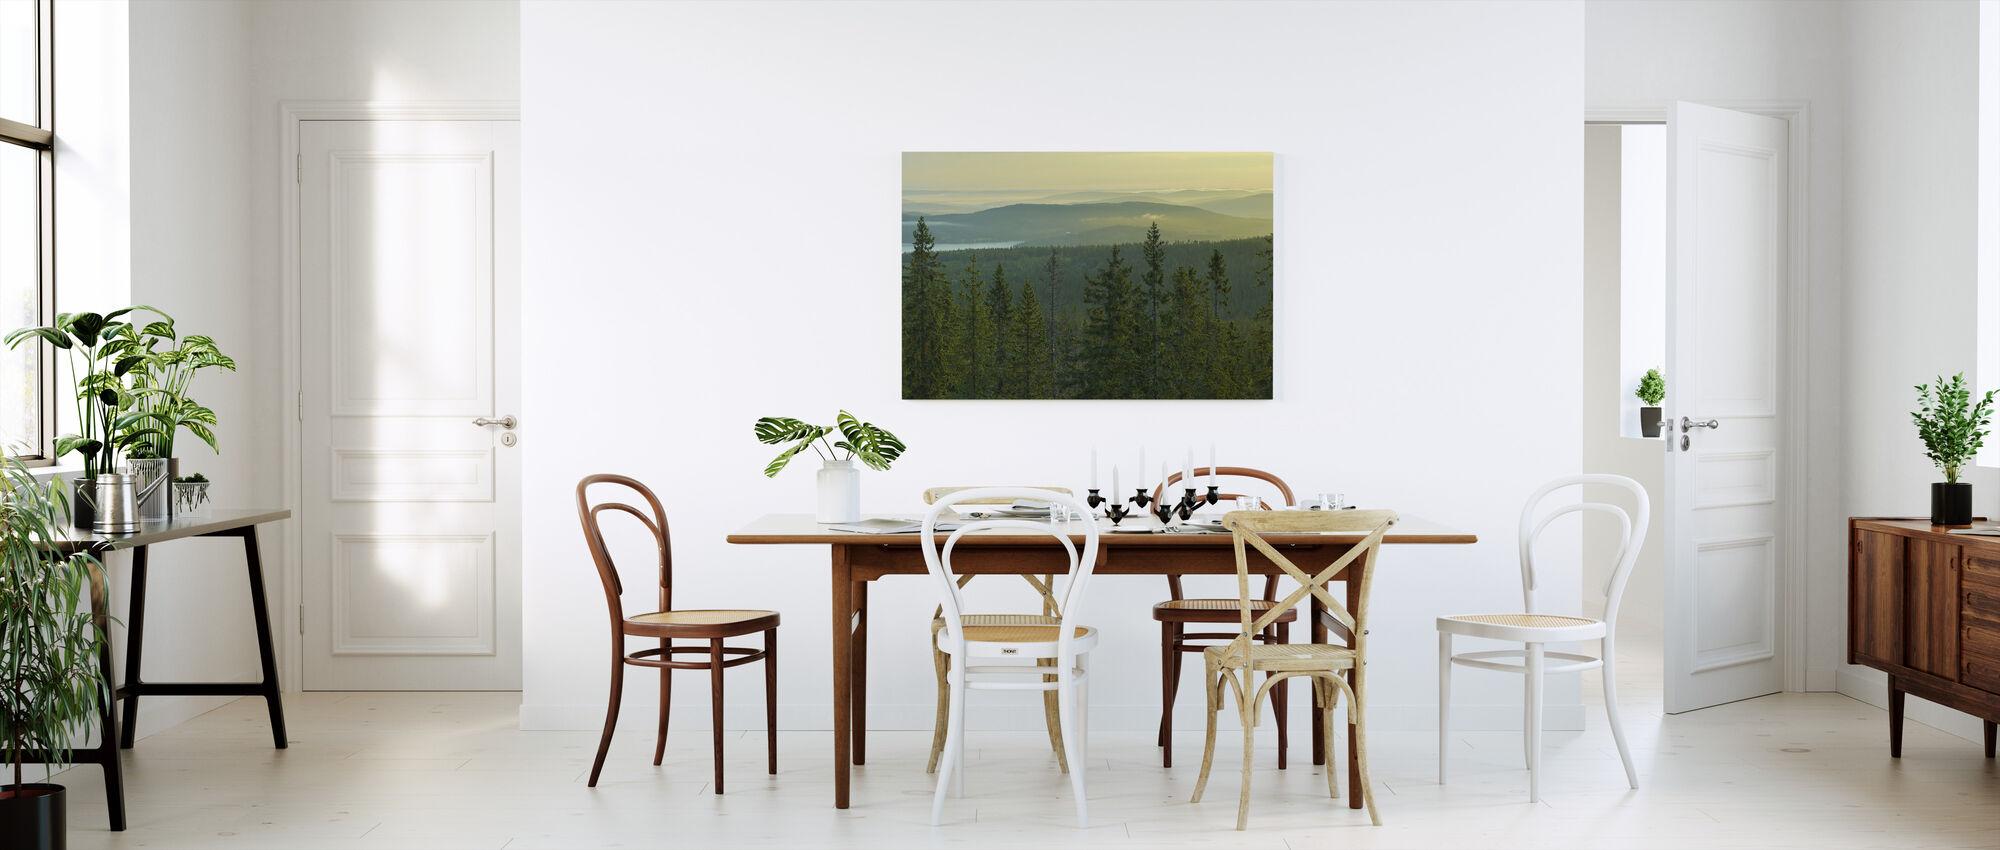 Sparren Topjes in Nationaal Park Skuleskogen, Zweden - Canvas print - Keuken